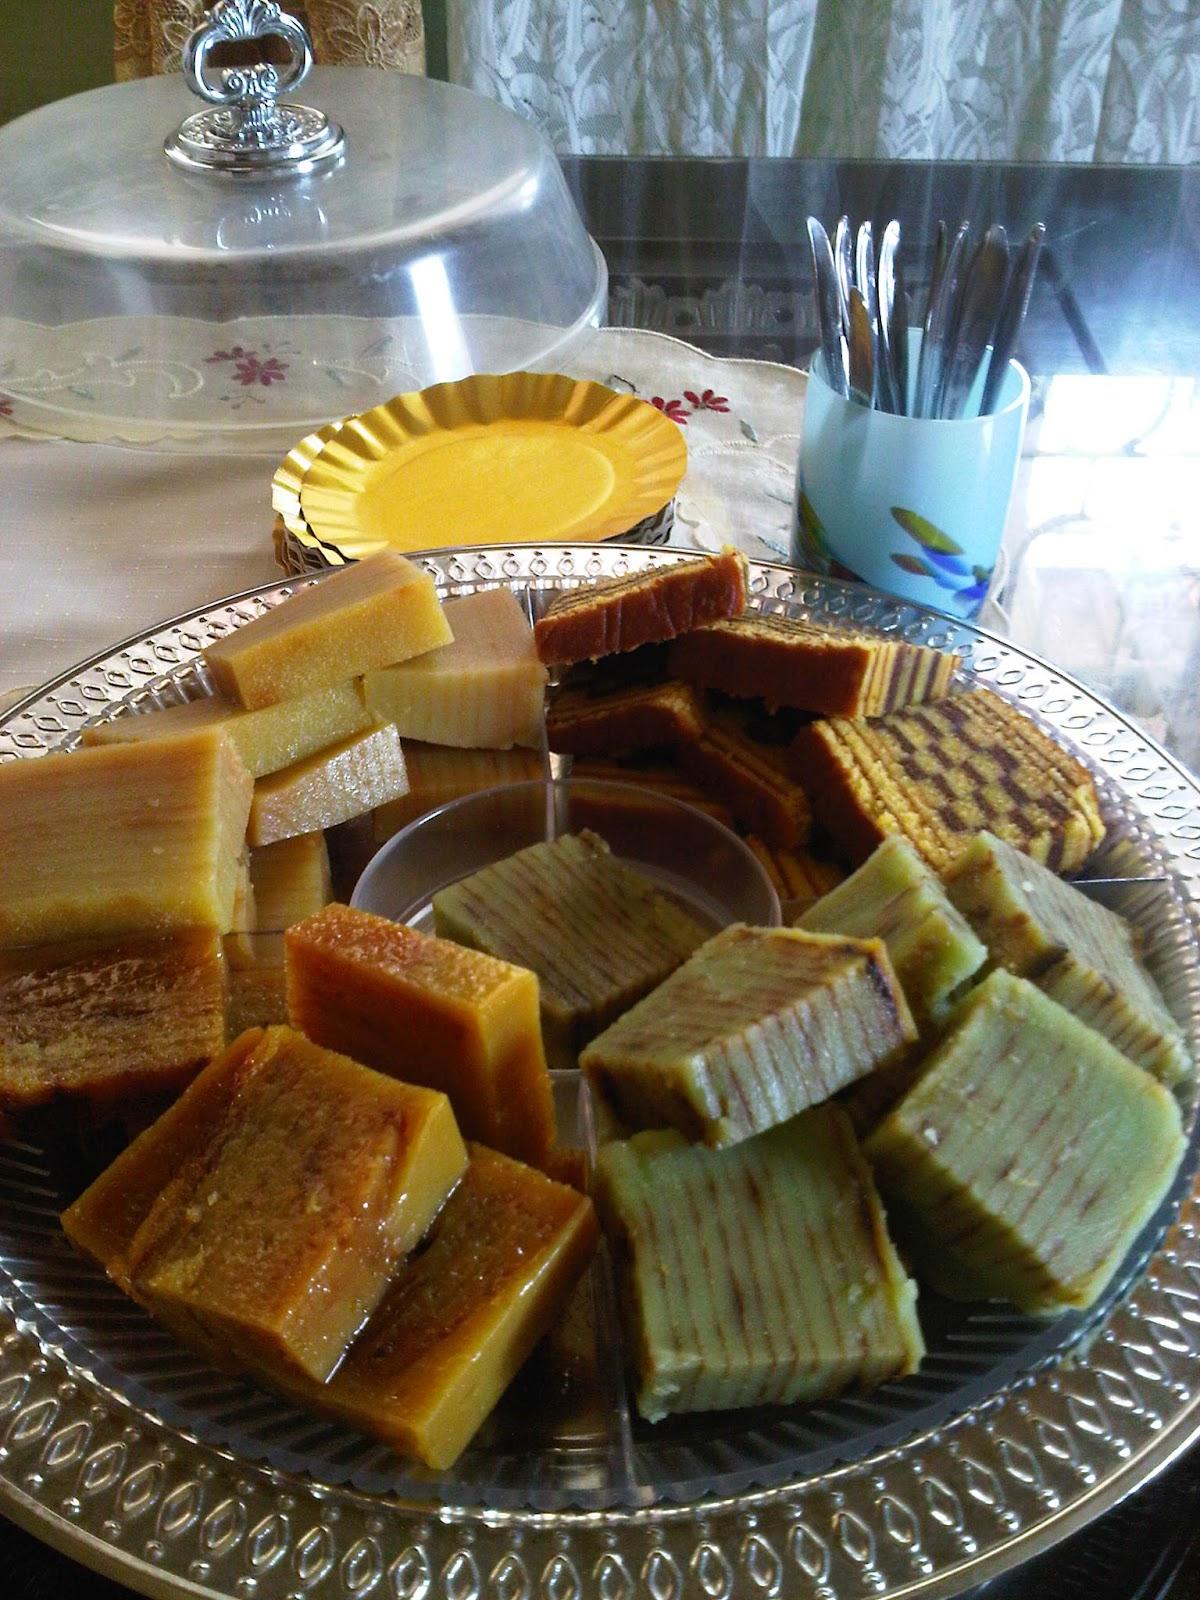 Kue Maksuba Salah Satu Makanan Khas Kota Palembang Indonesia Dibuat